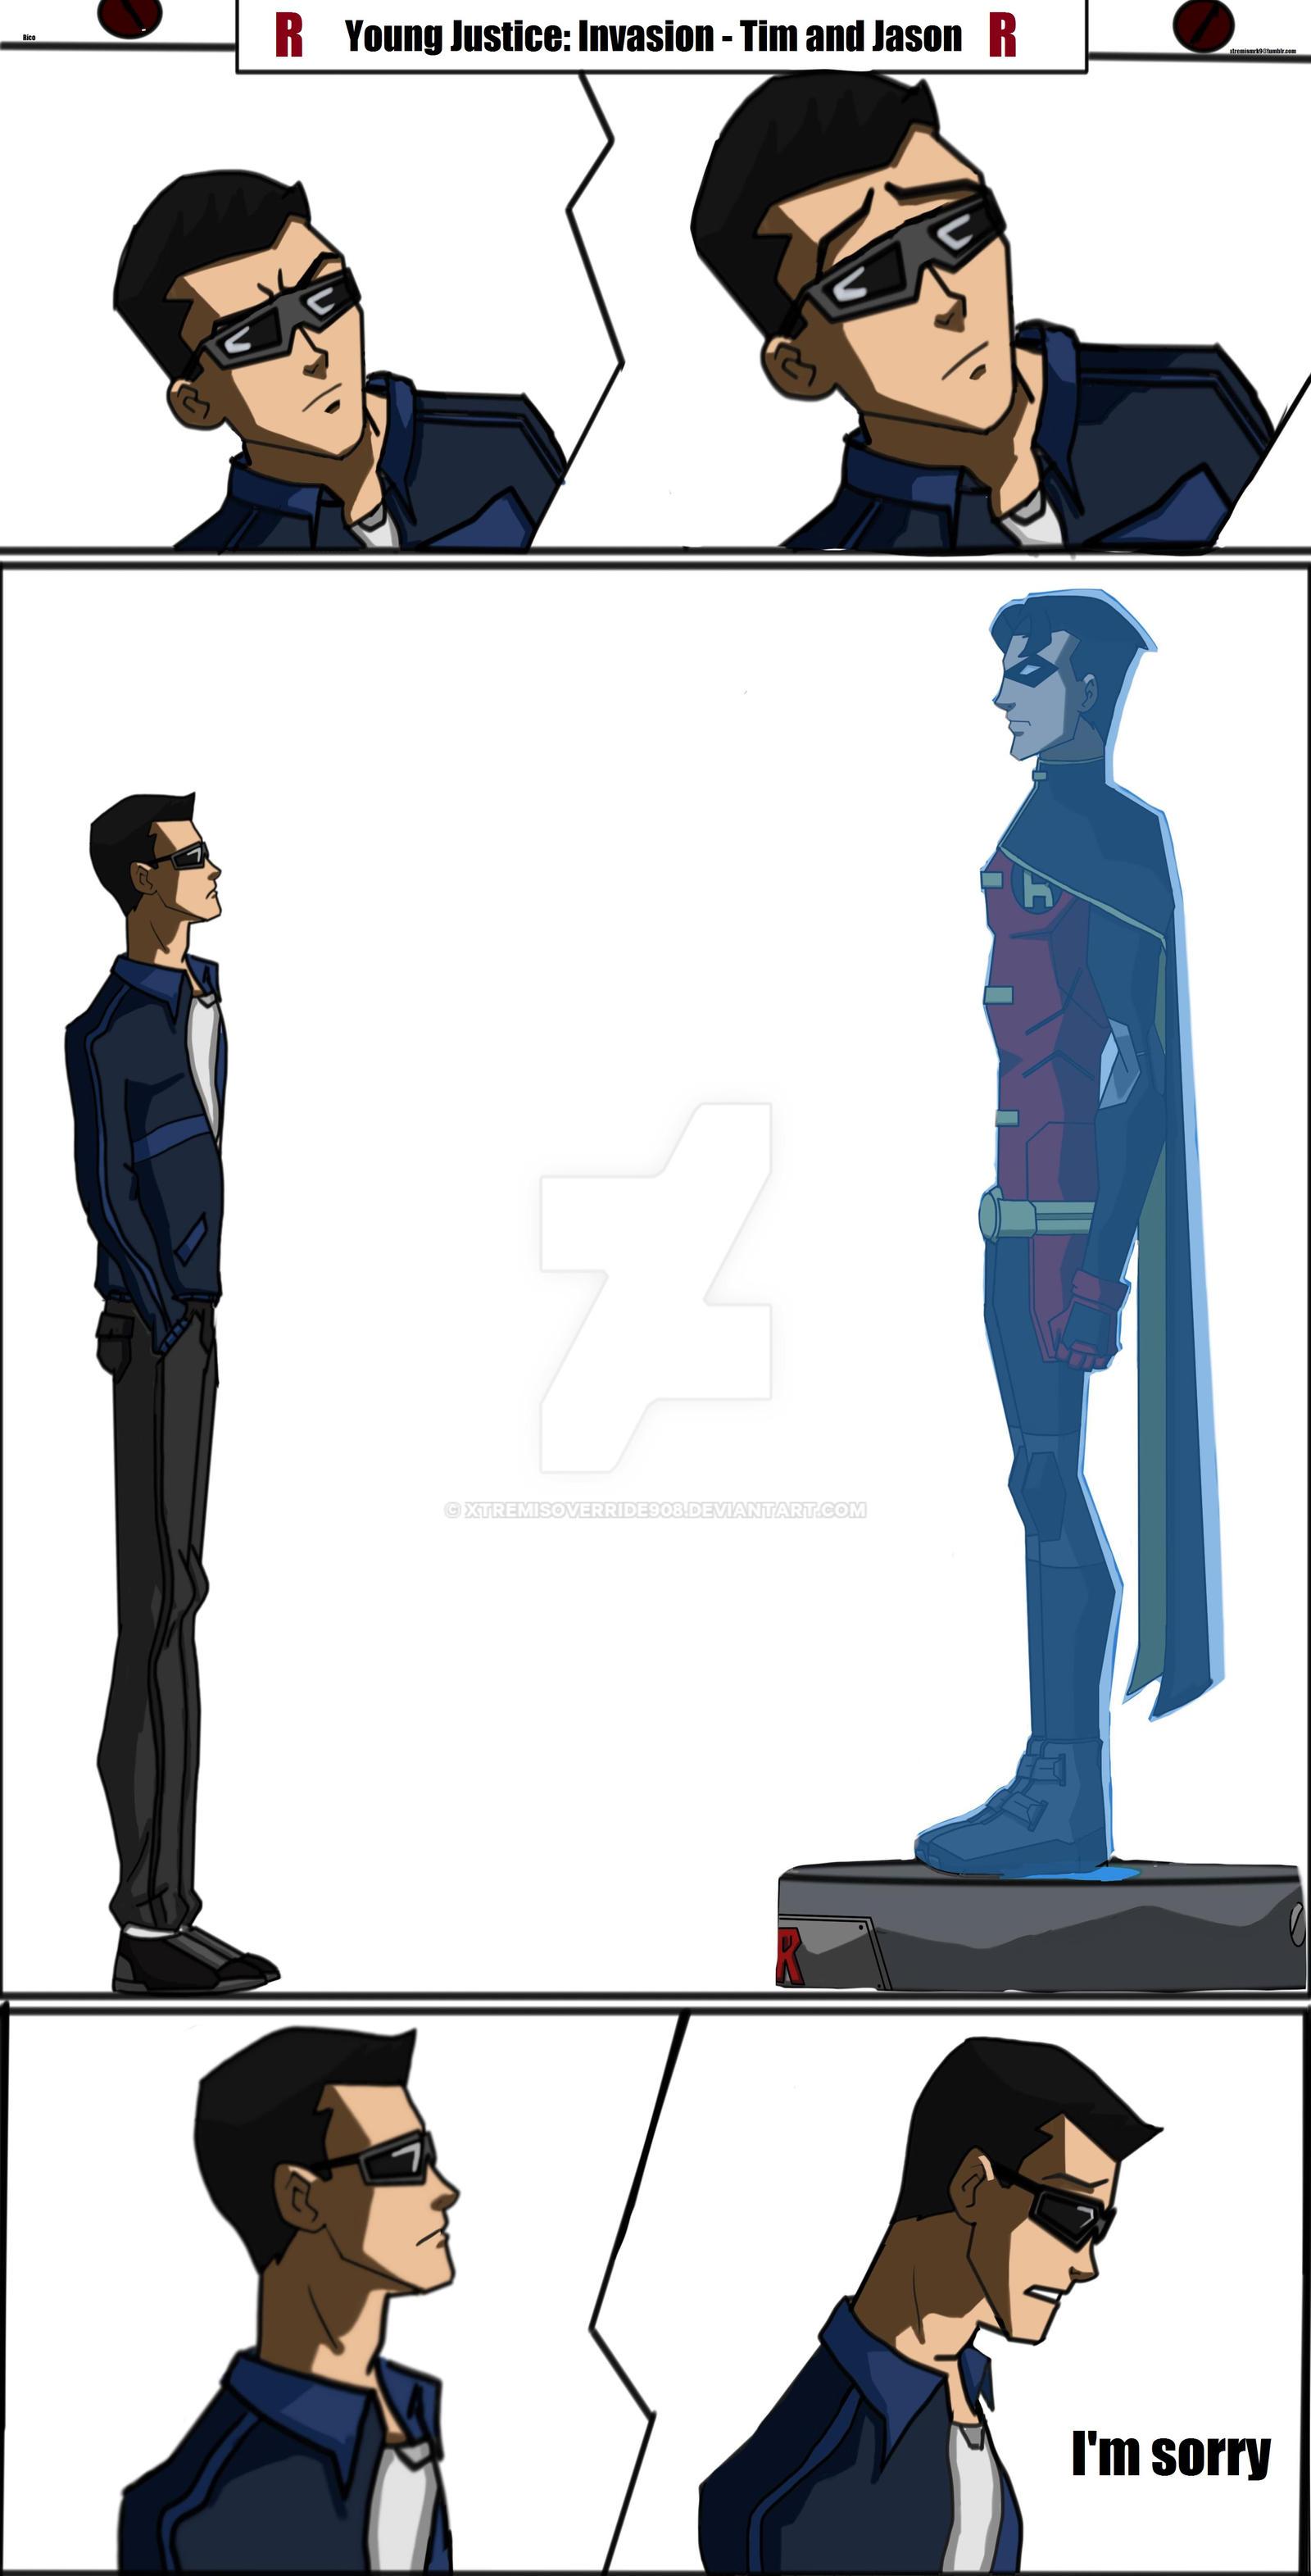 YJ short Comic - Tim Drake/Jason Todd - Invasion by ...